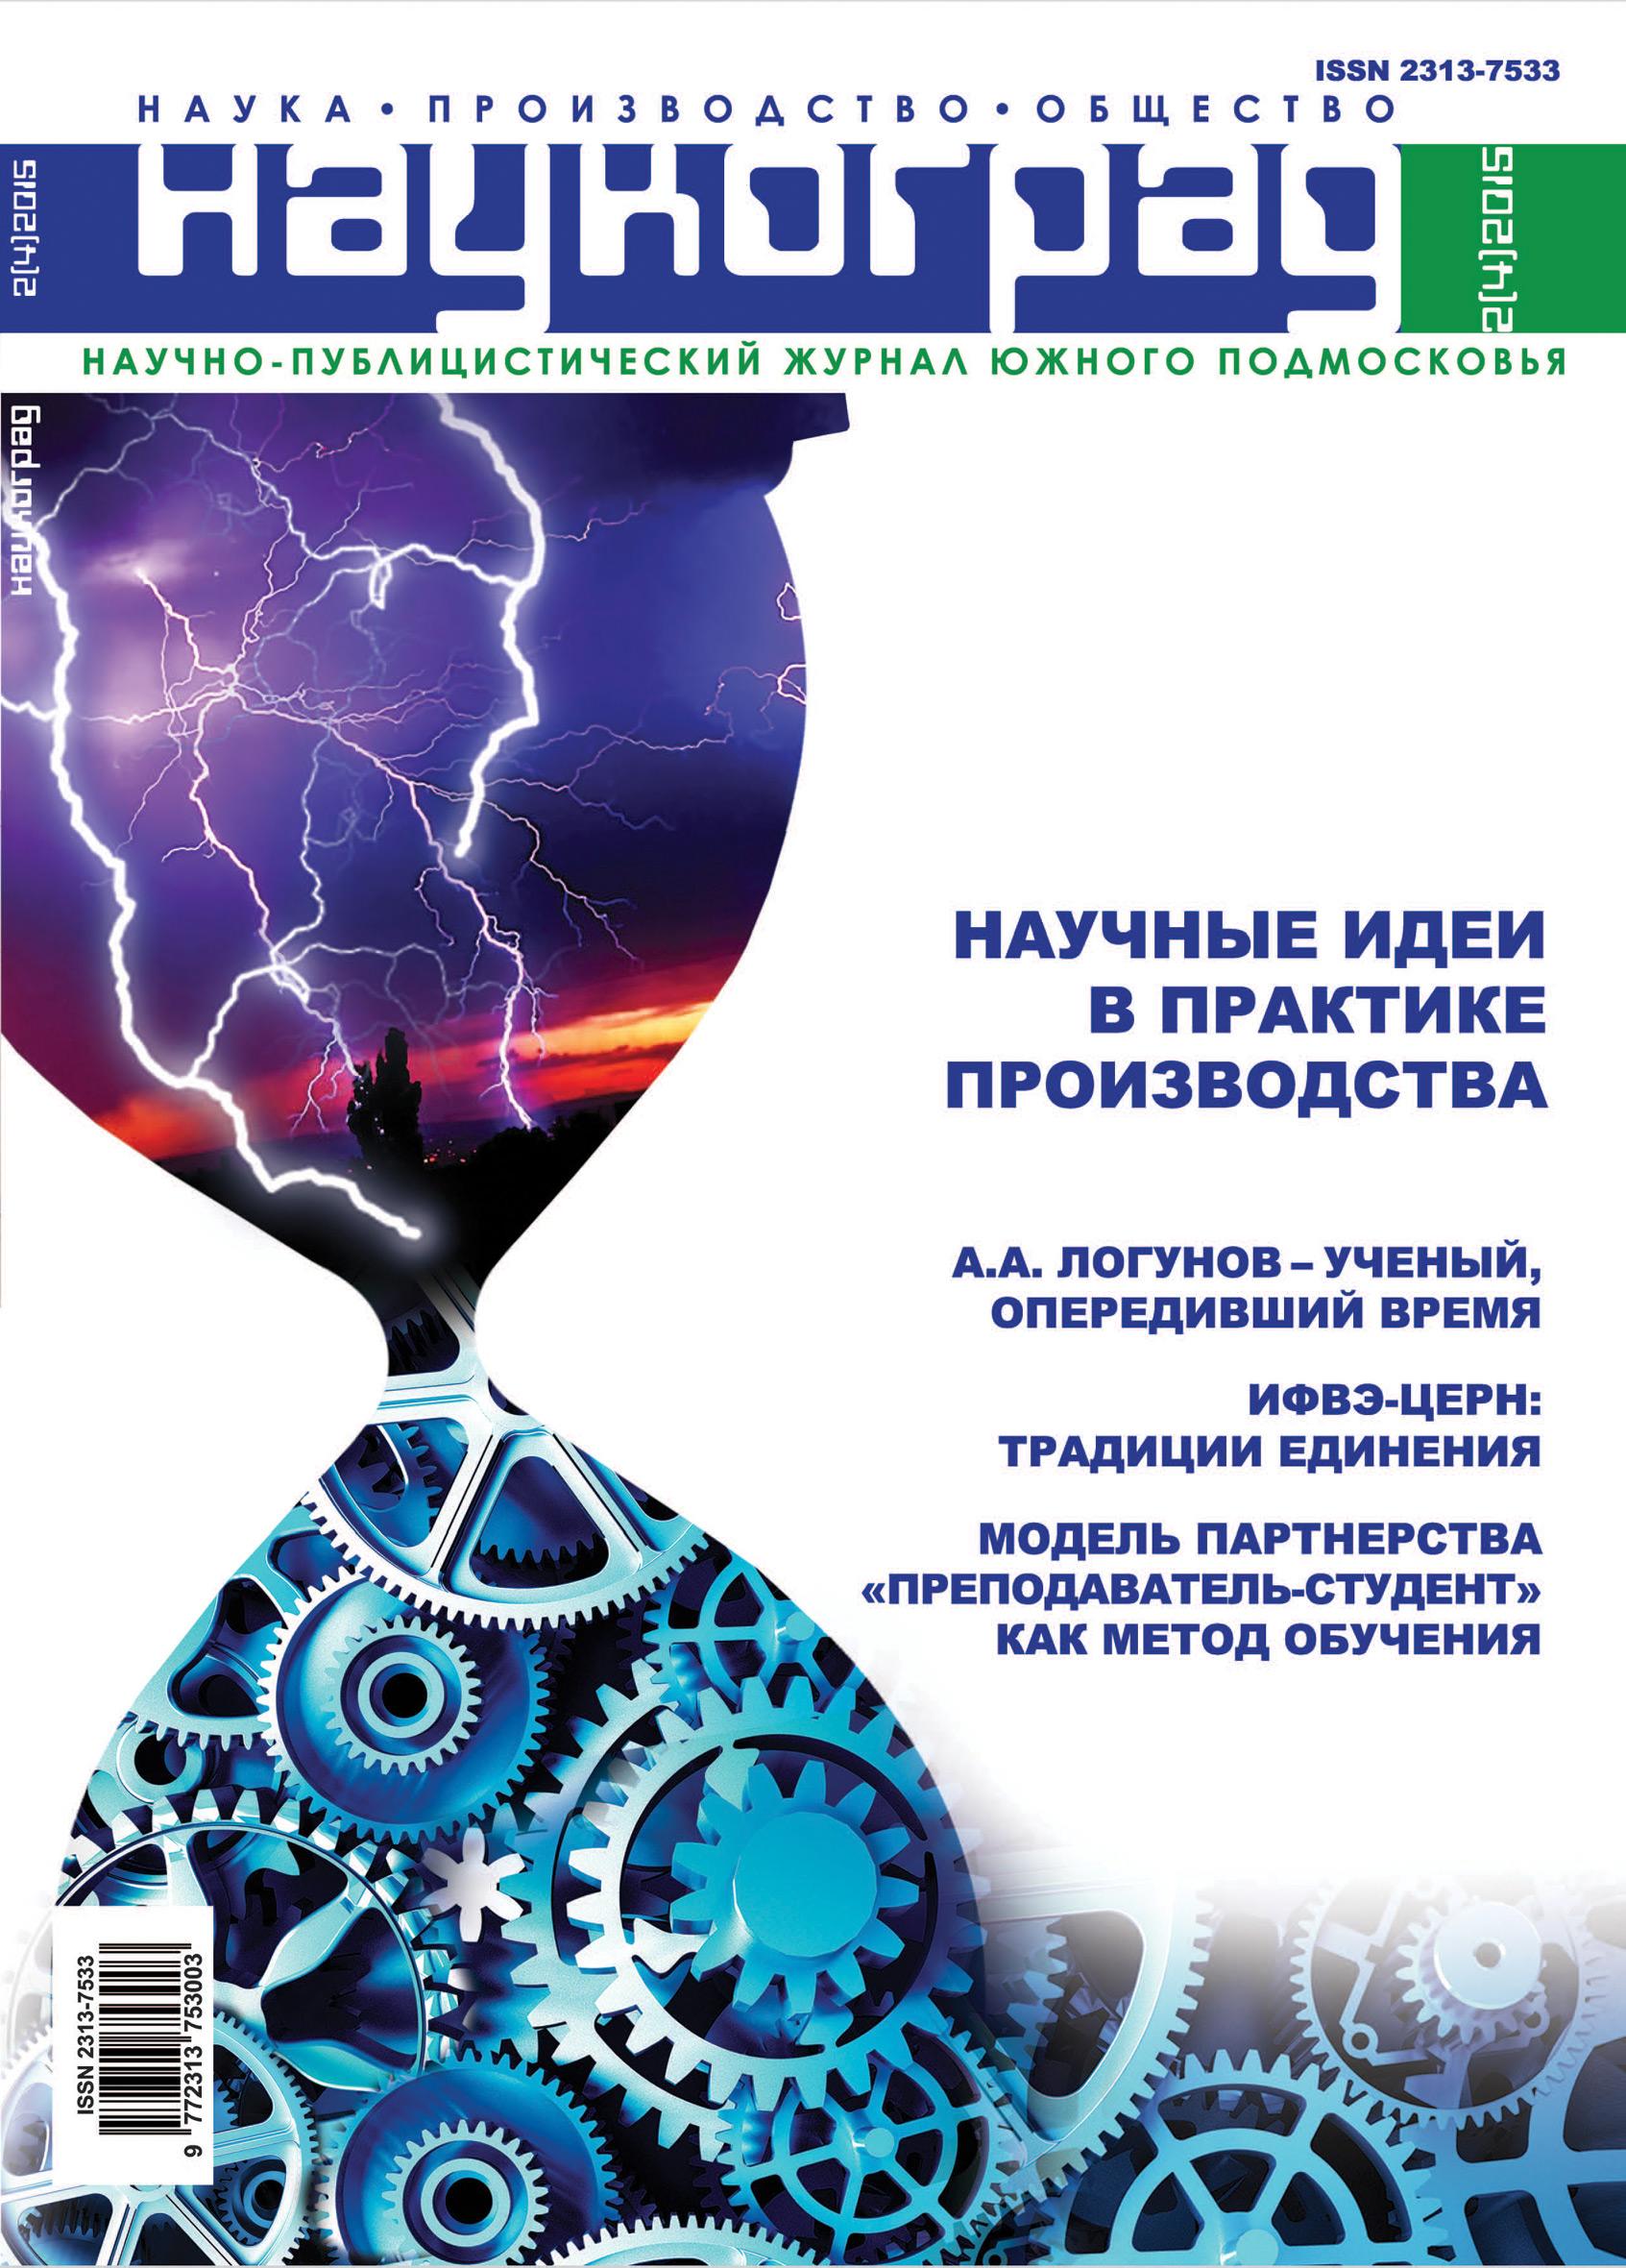 Отсутствует Наукоград: наука, производство и общество №2/2015